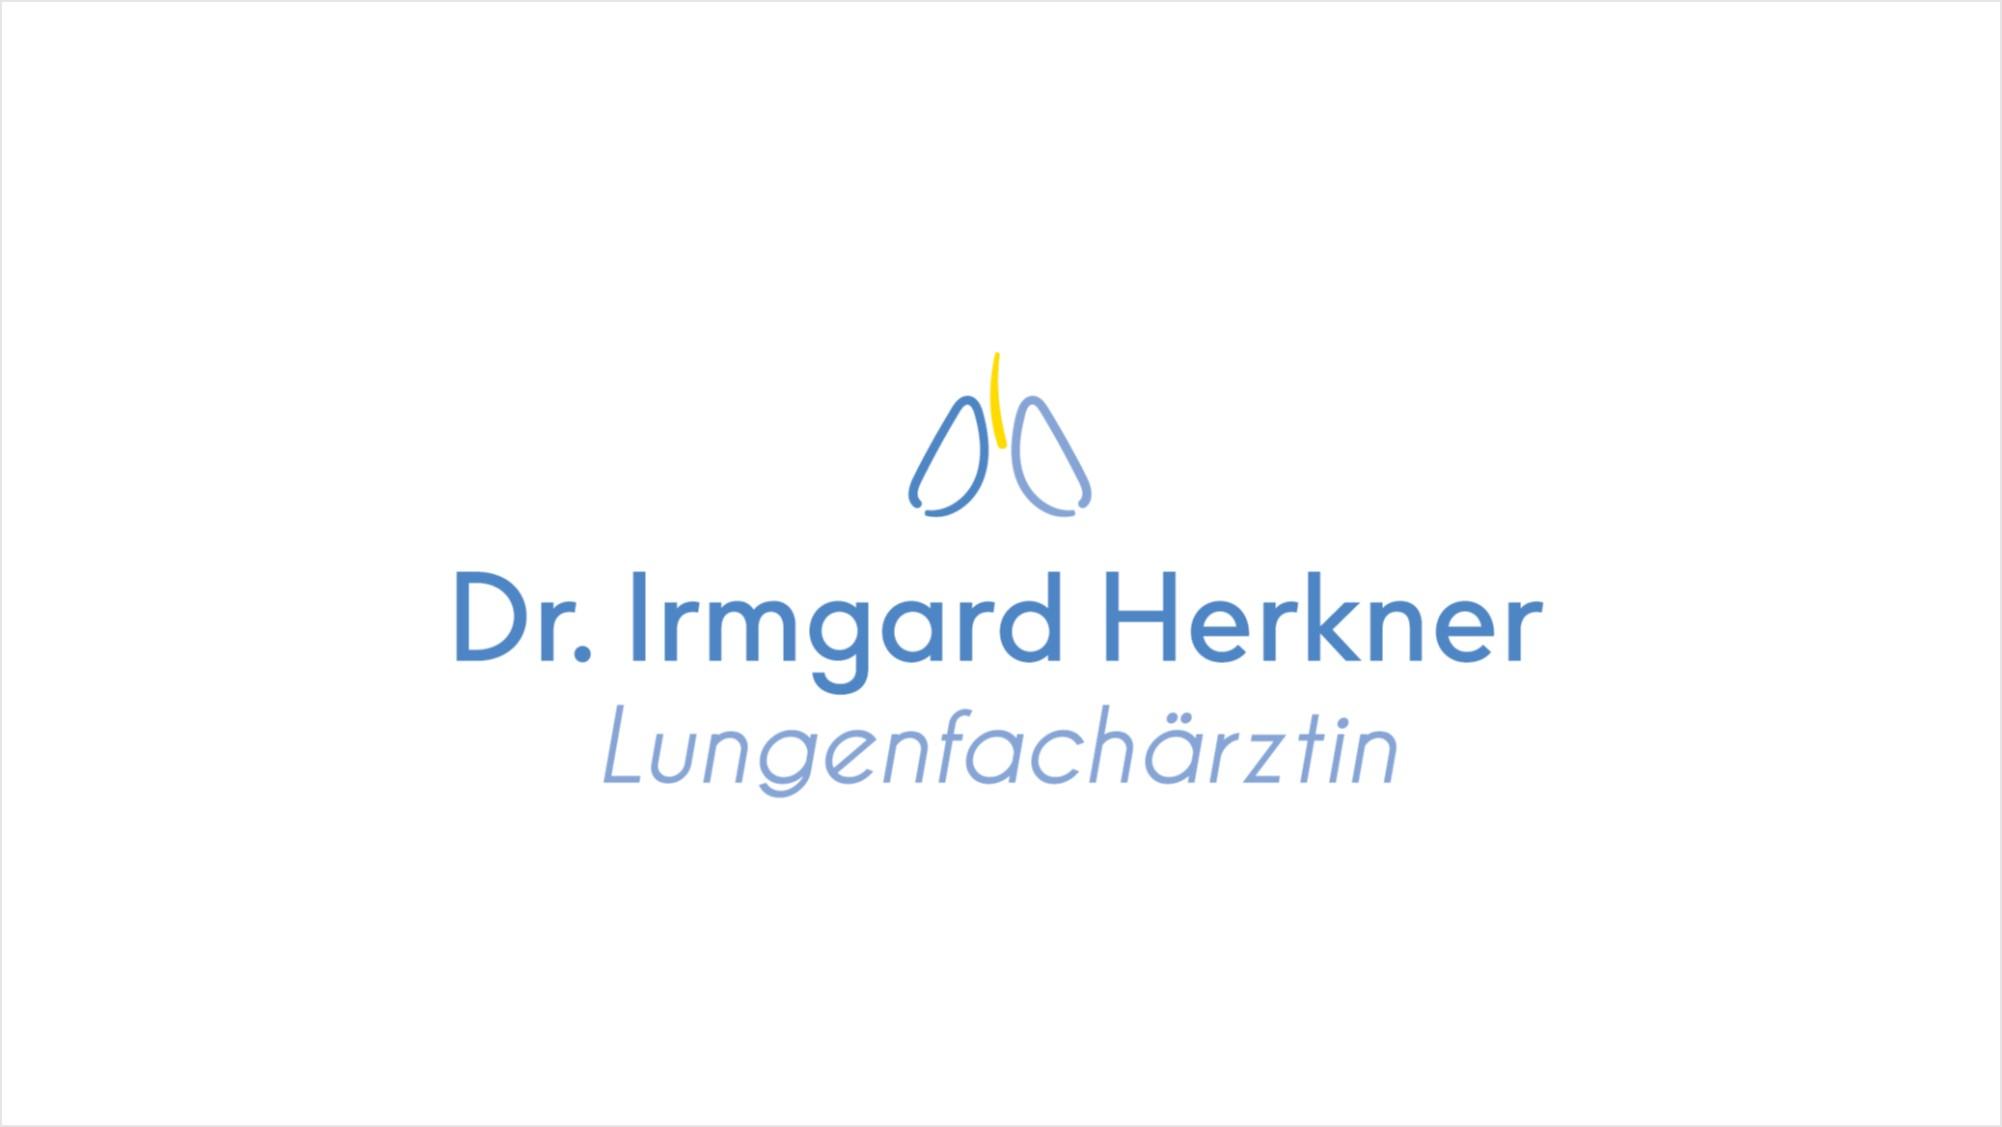 Dr. Herkner